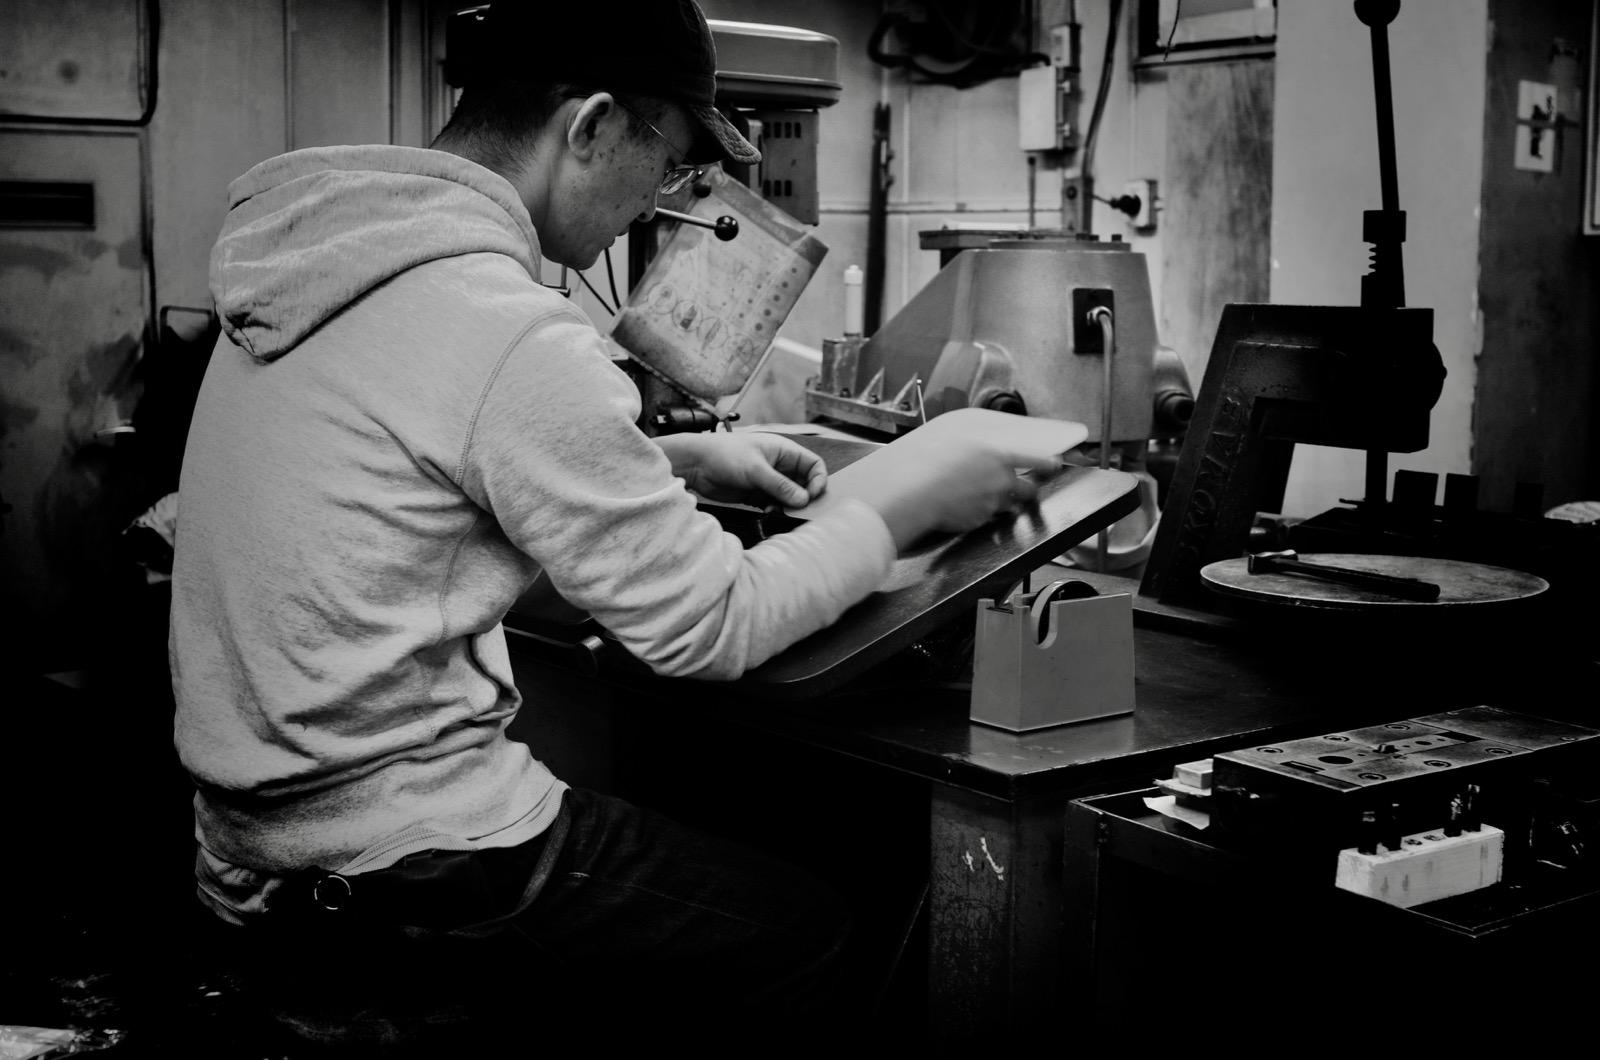 日本の職人による手作りです